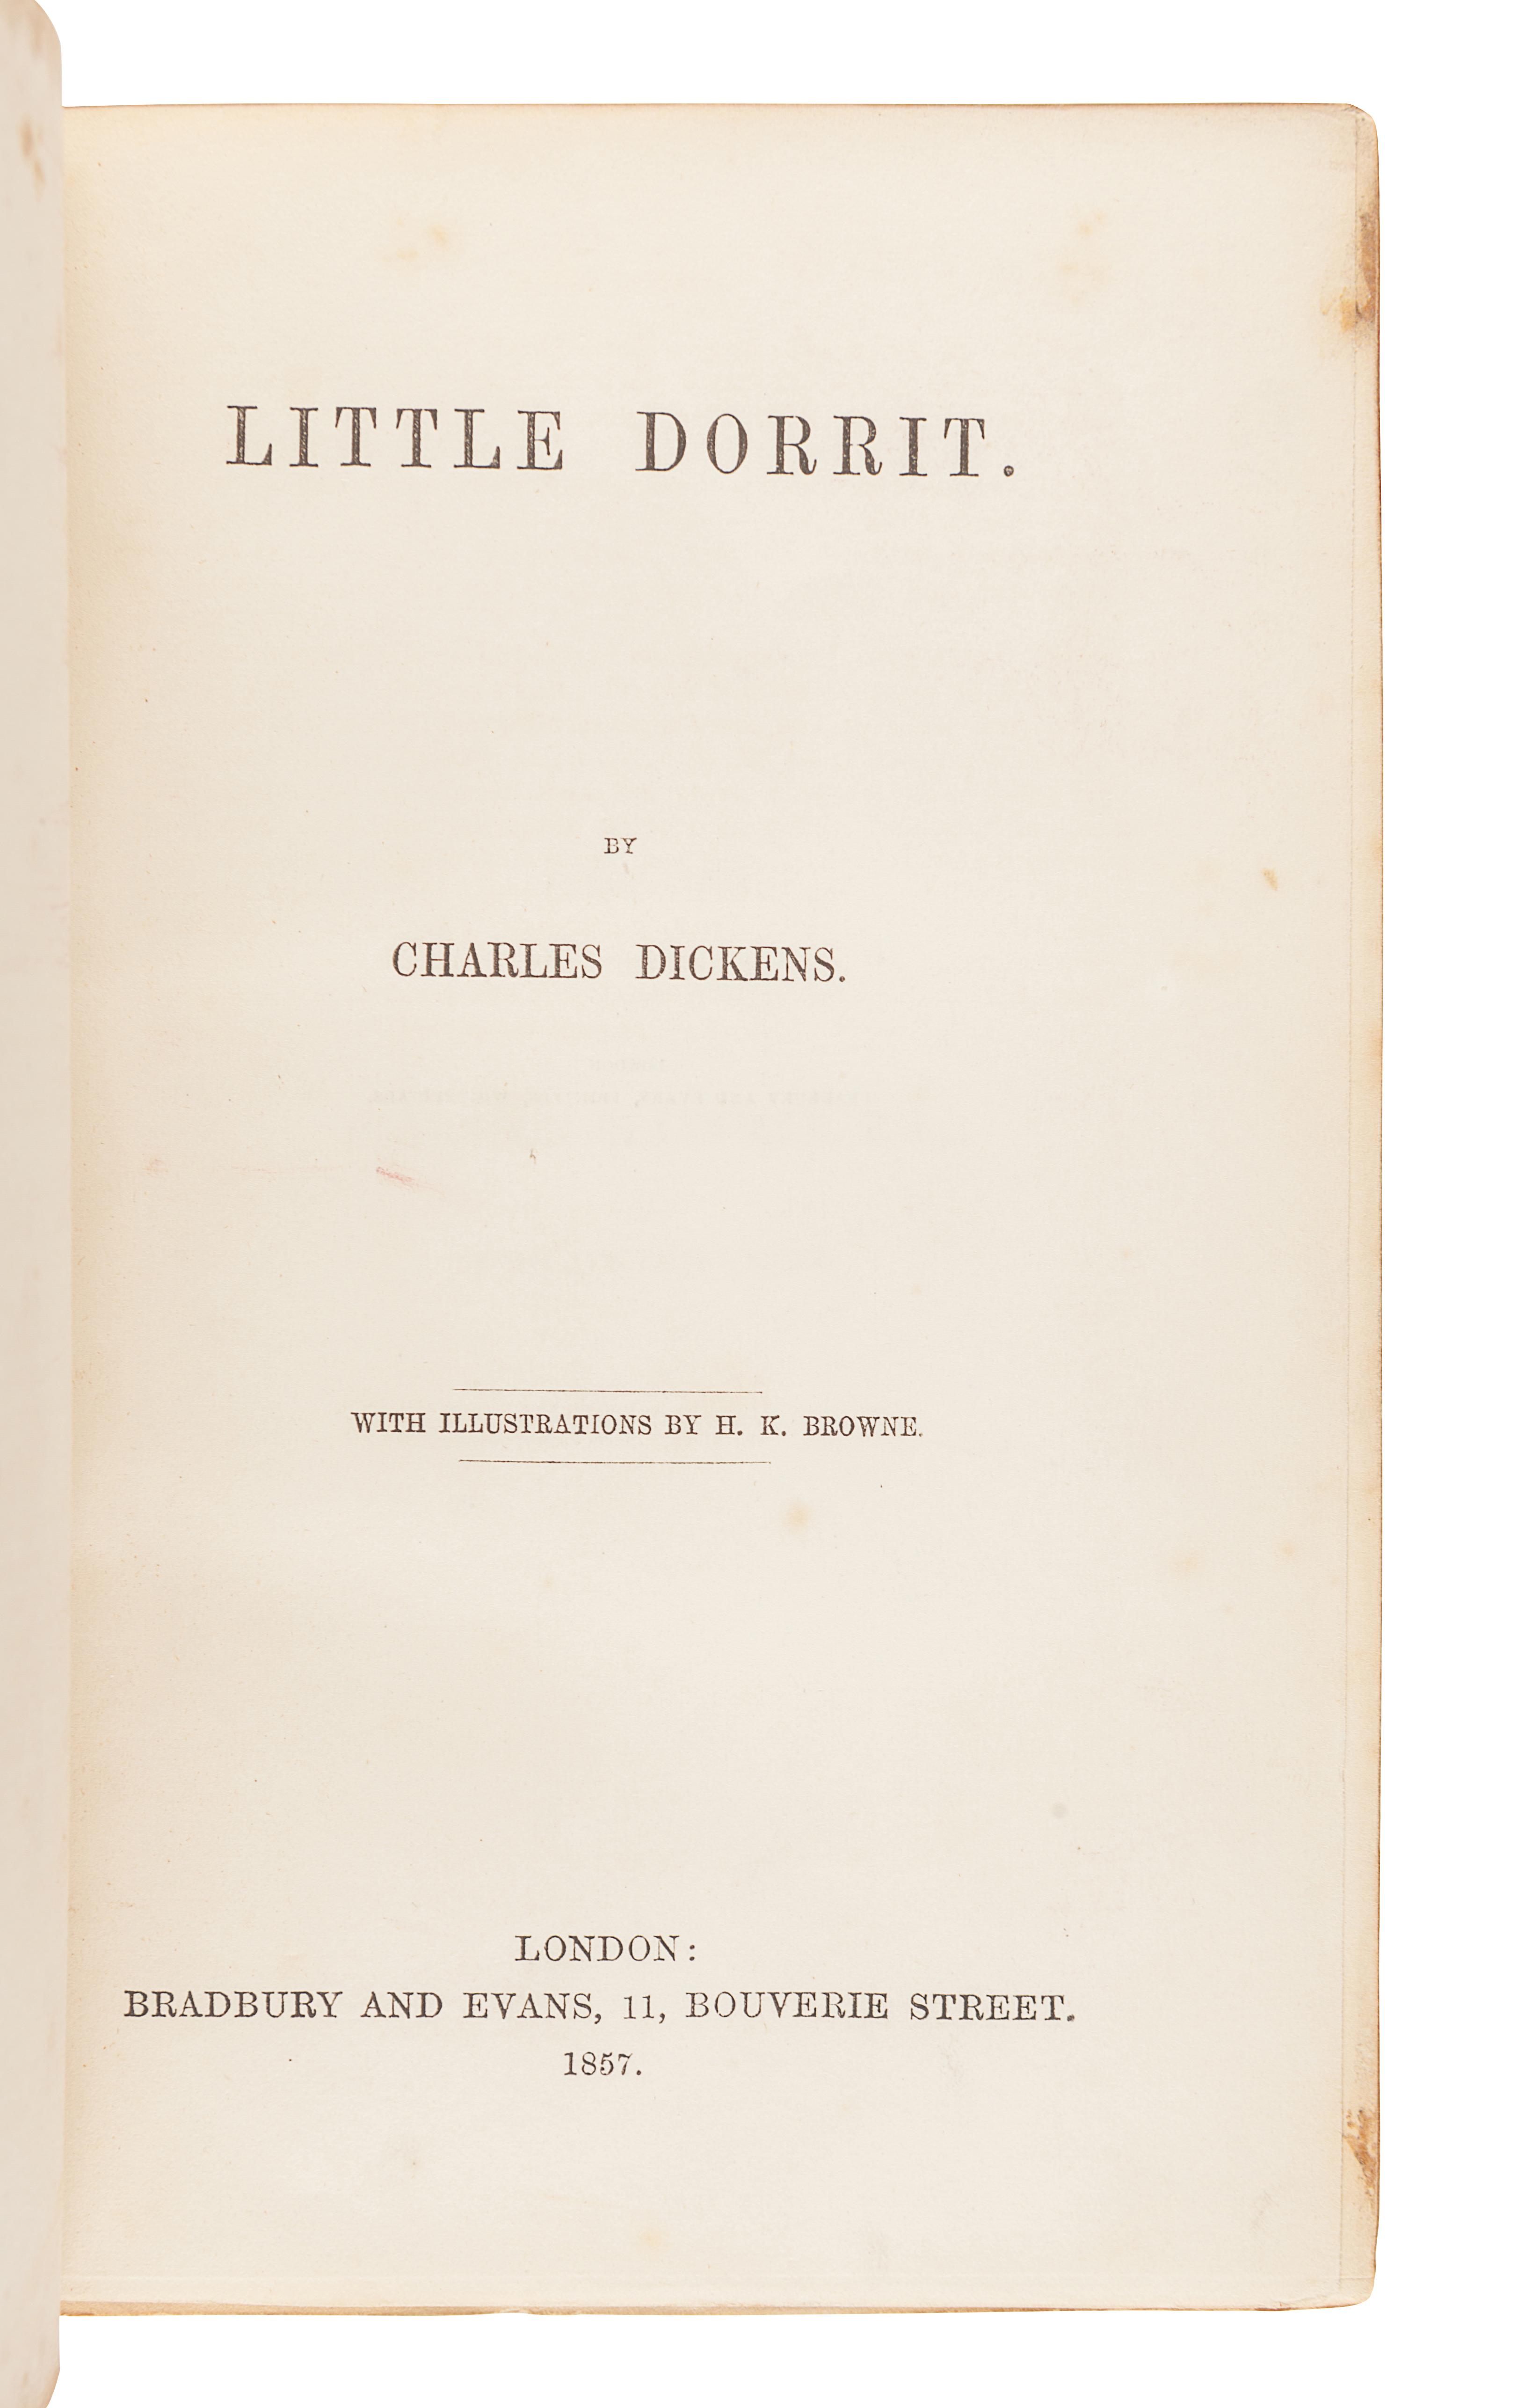 DICKENS, Charles (1812-1870). Little Dorrit. London: Bradbury & Evans, 1857.